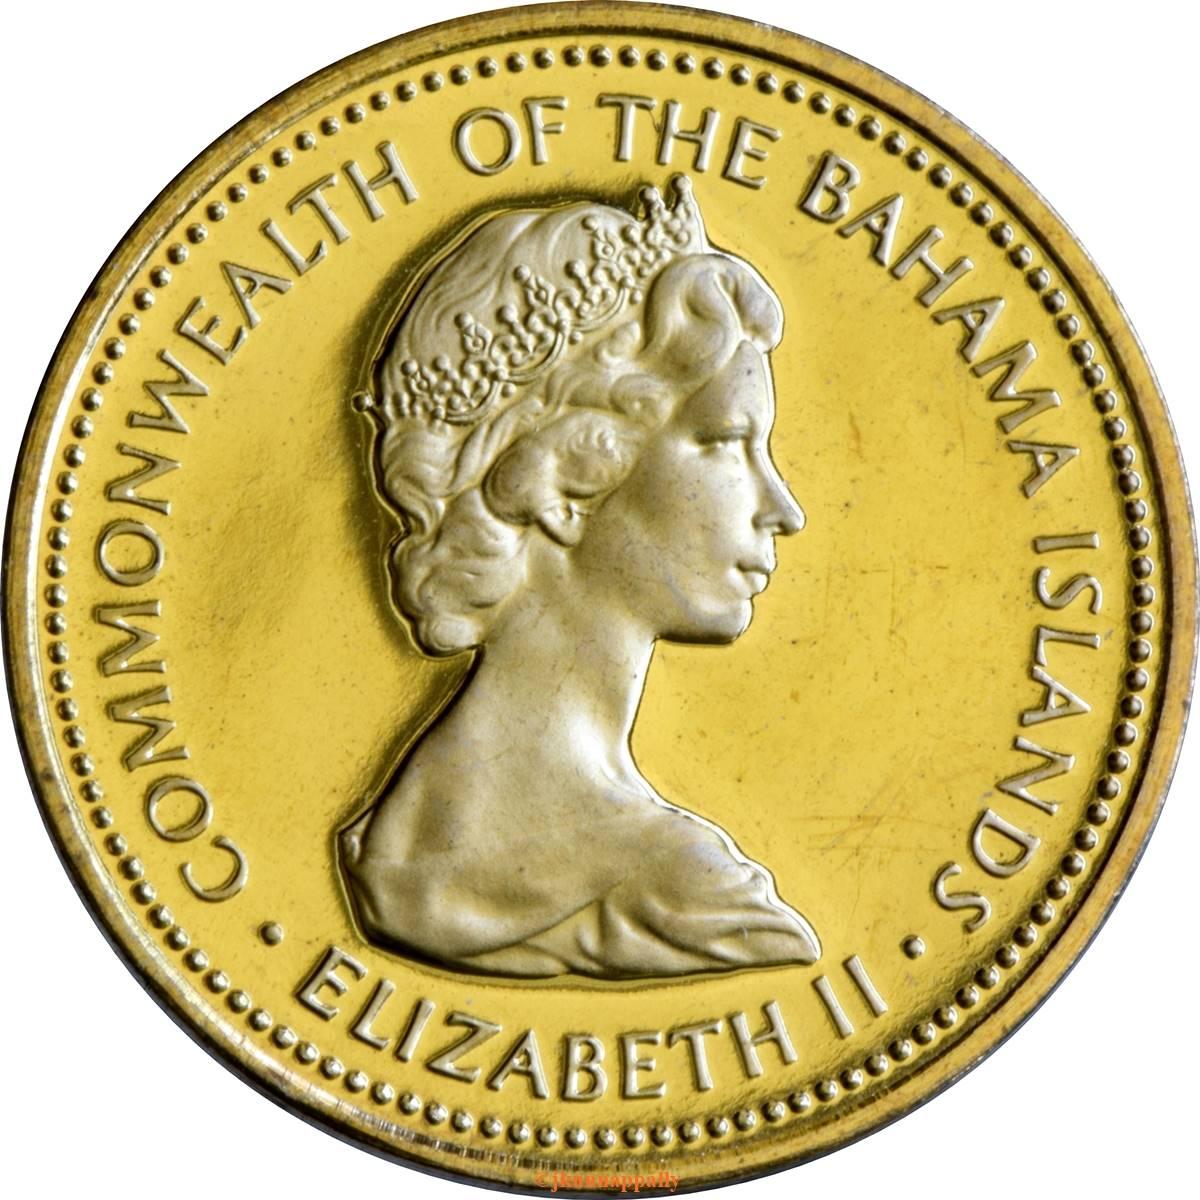 1 Cent - Elizabeth II - The Bahamas – Numista